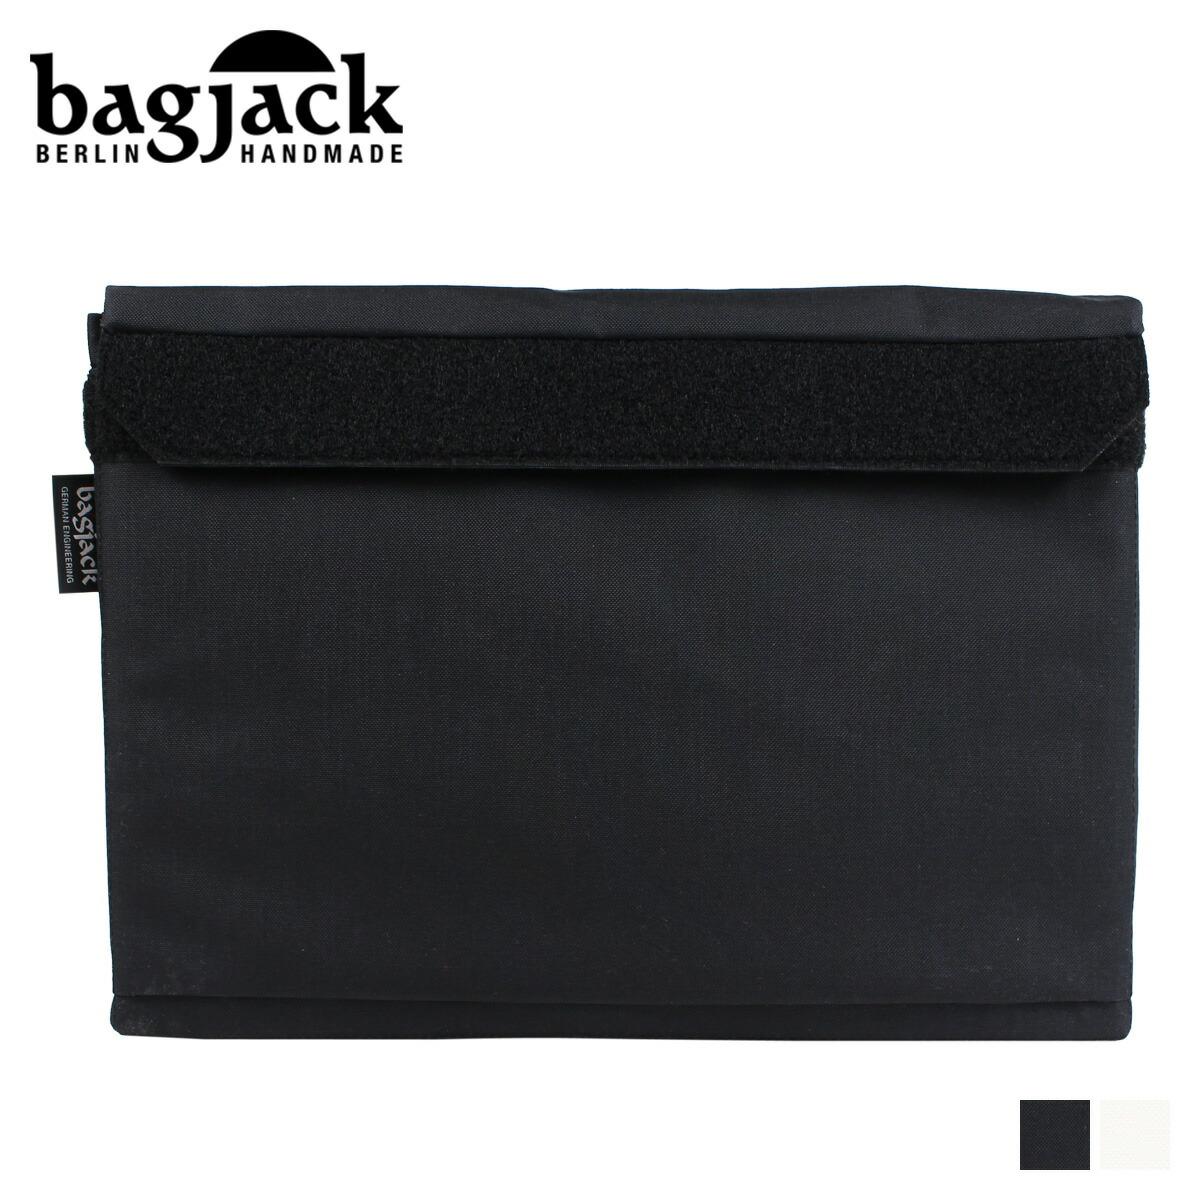 bagjack NEXT LEVEL STEALTH TEC LAPTOP COVER バッグジャック PCケース PCバッグ パソコンケース メンズ レディース ブラック ホワイト 黒 白